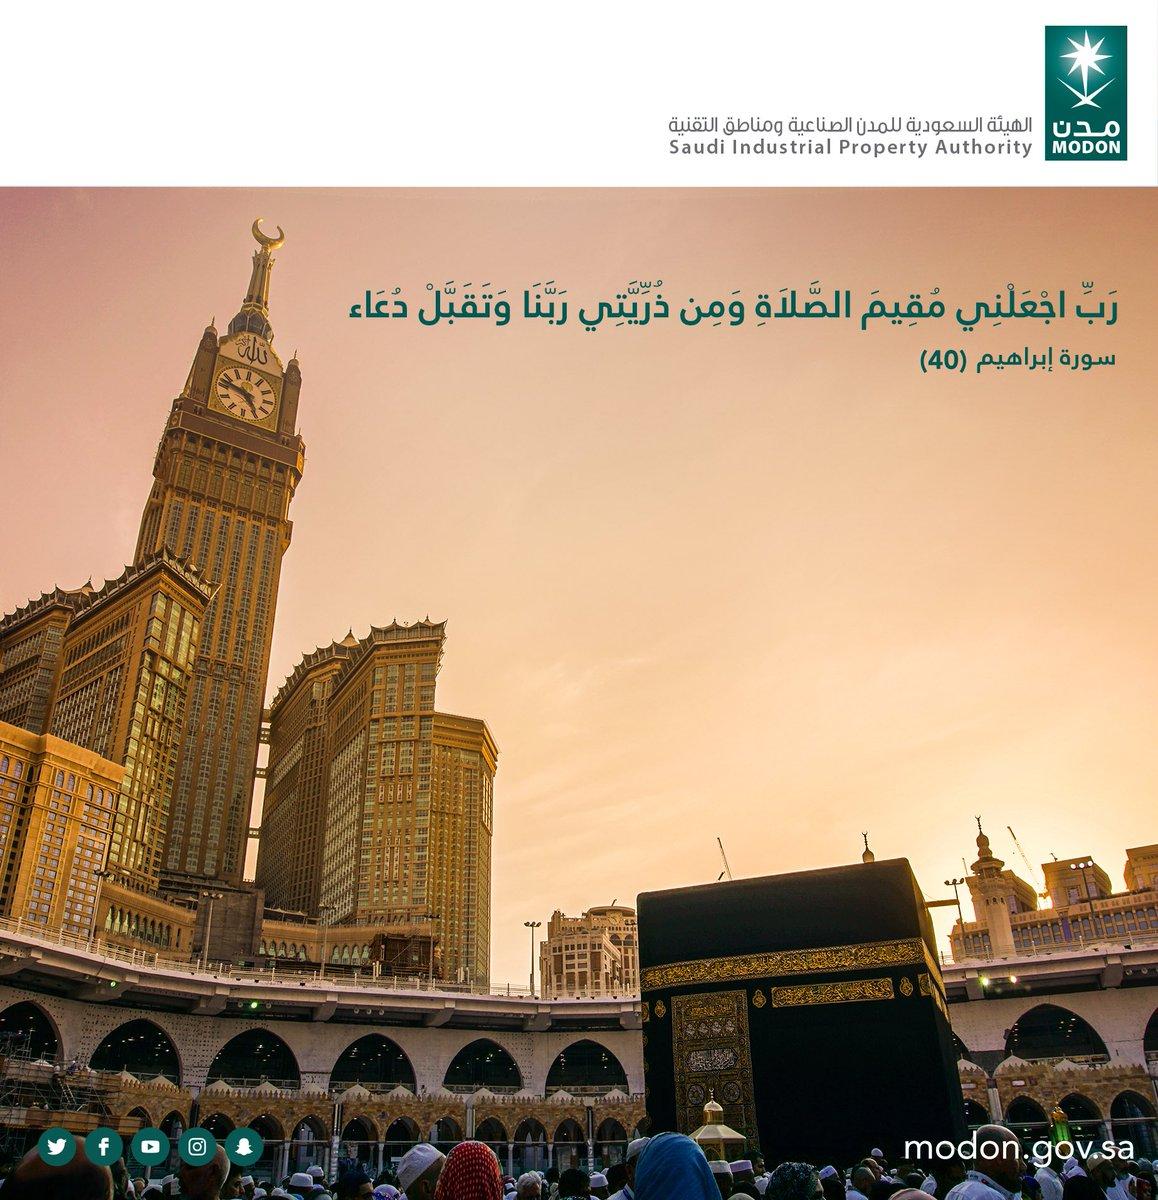 في آخر جمعة من #رمضان .. اللهم اجعله شاهدًا لنا لا علينا.  #يوم_الجمعة...